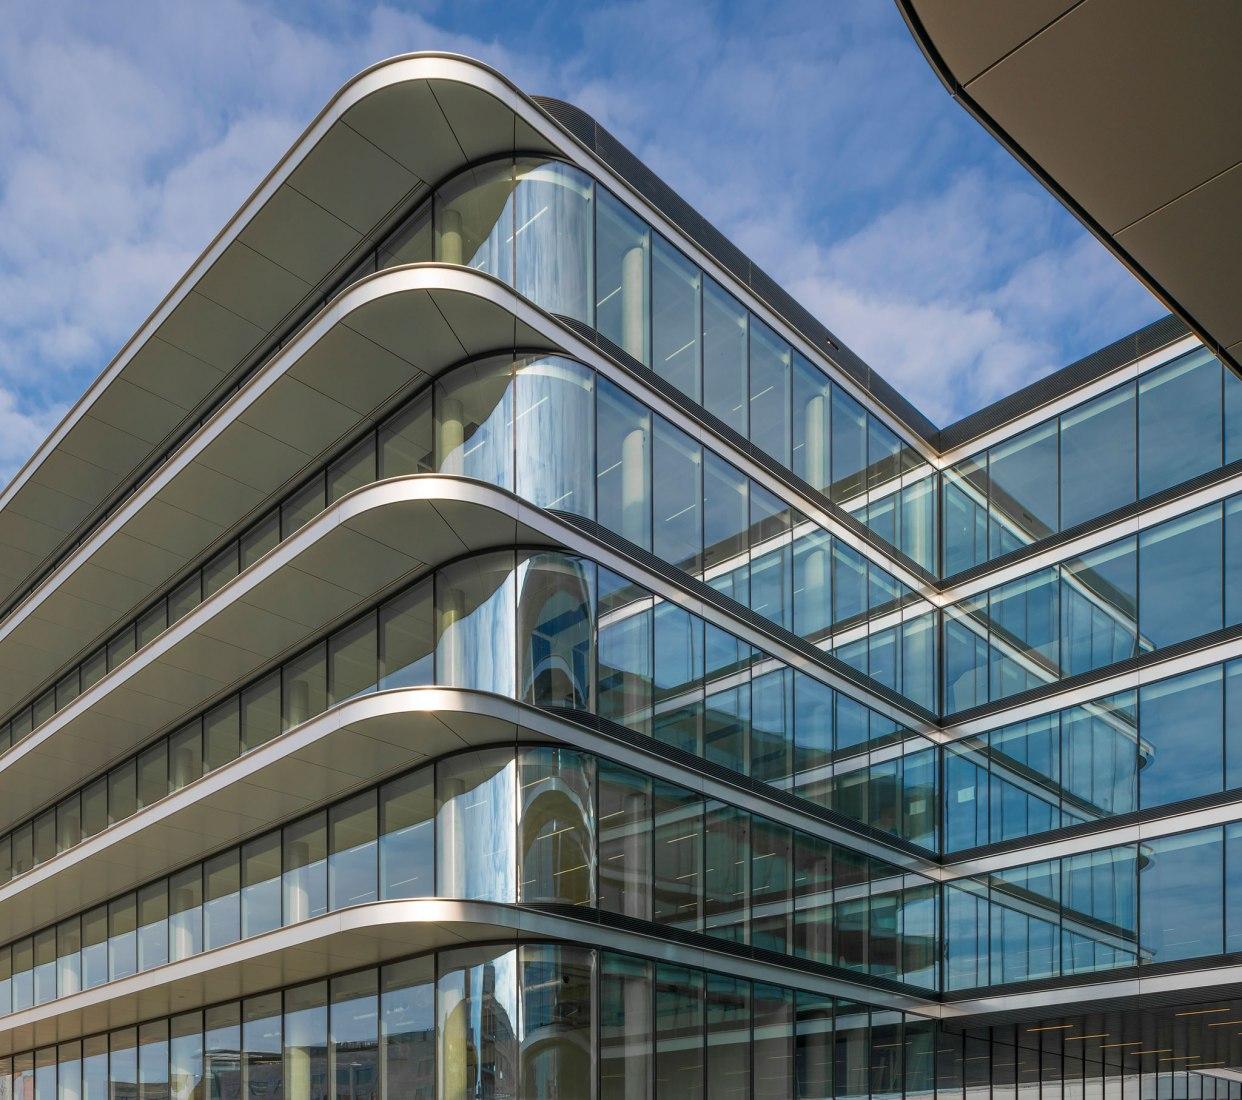 Inauguración. Nuevas oficinas de ING, por Benthem Crouwel Architects y HofmanDujardin. Fotografía por Matthijs van Roon / ©HofmanDujardin